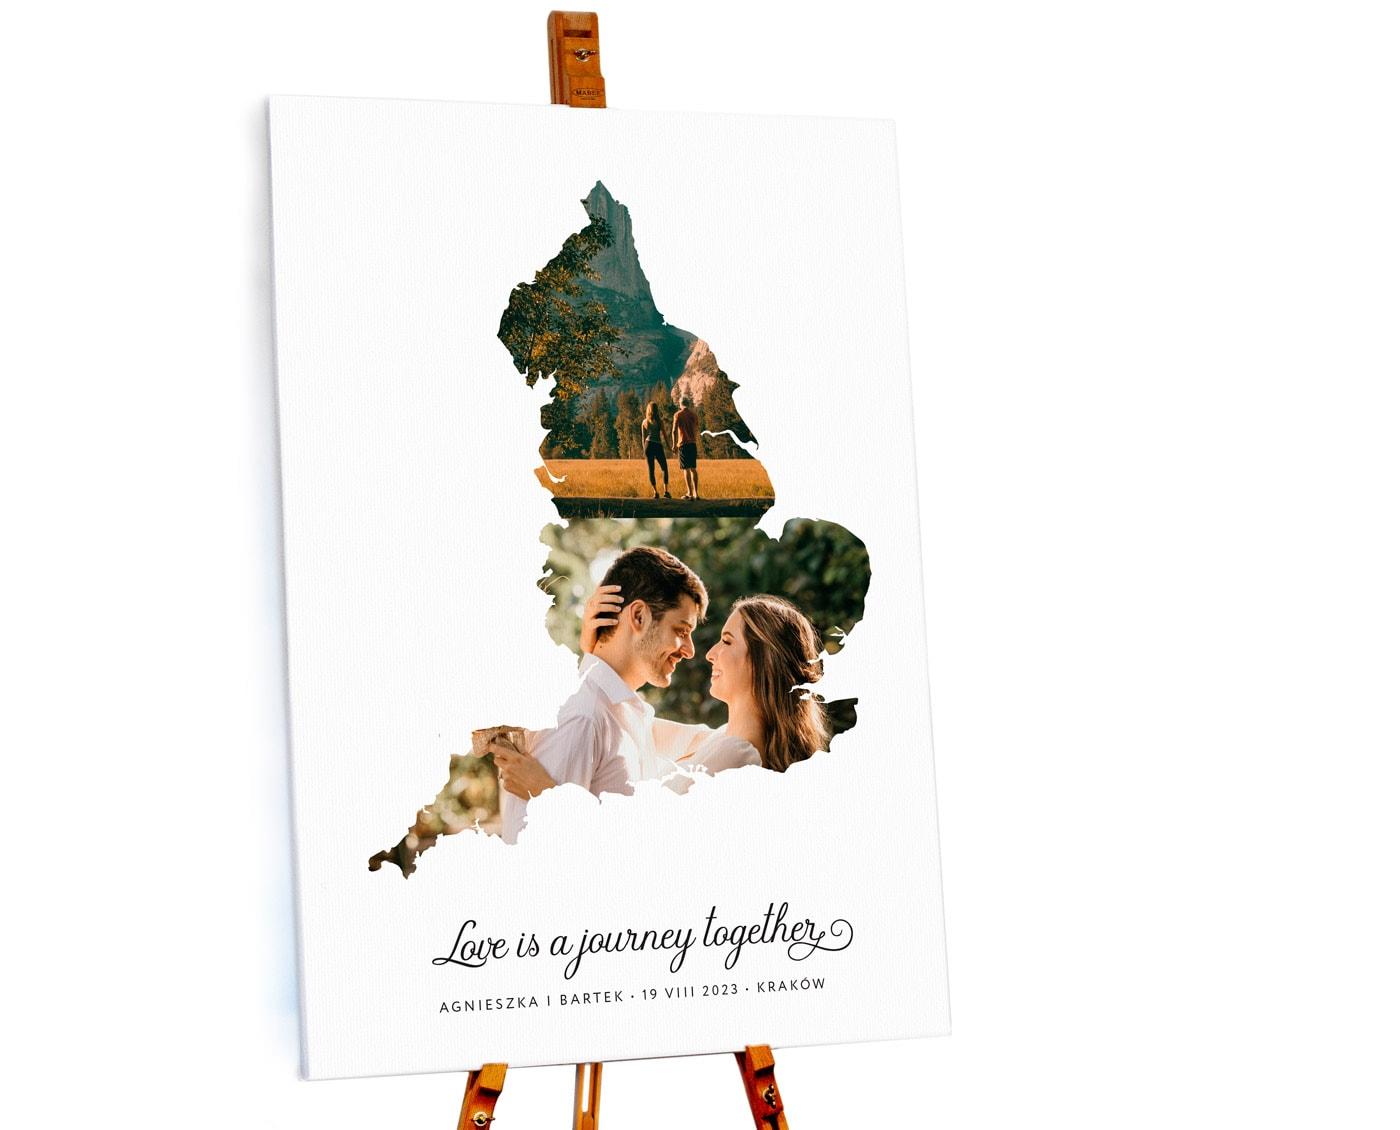 Tablica powitalna ze zdjęciami Młodej pary. Styl podróżniczy